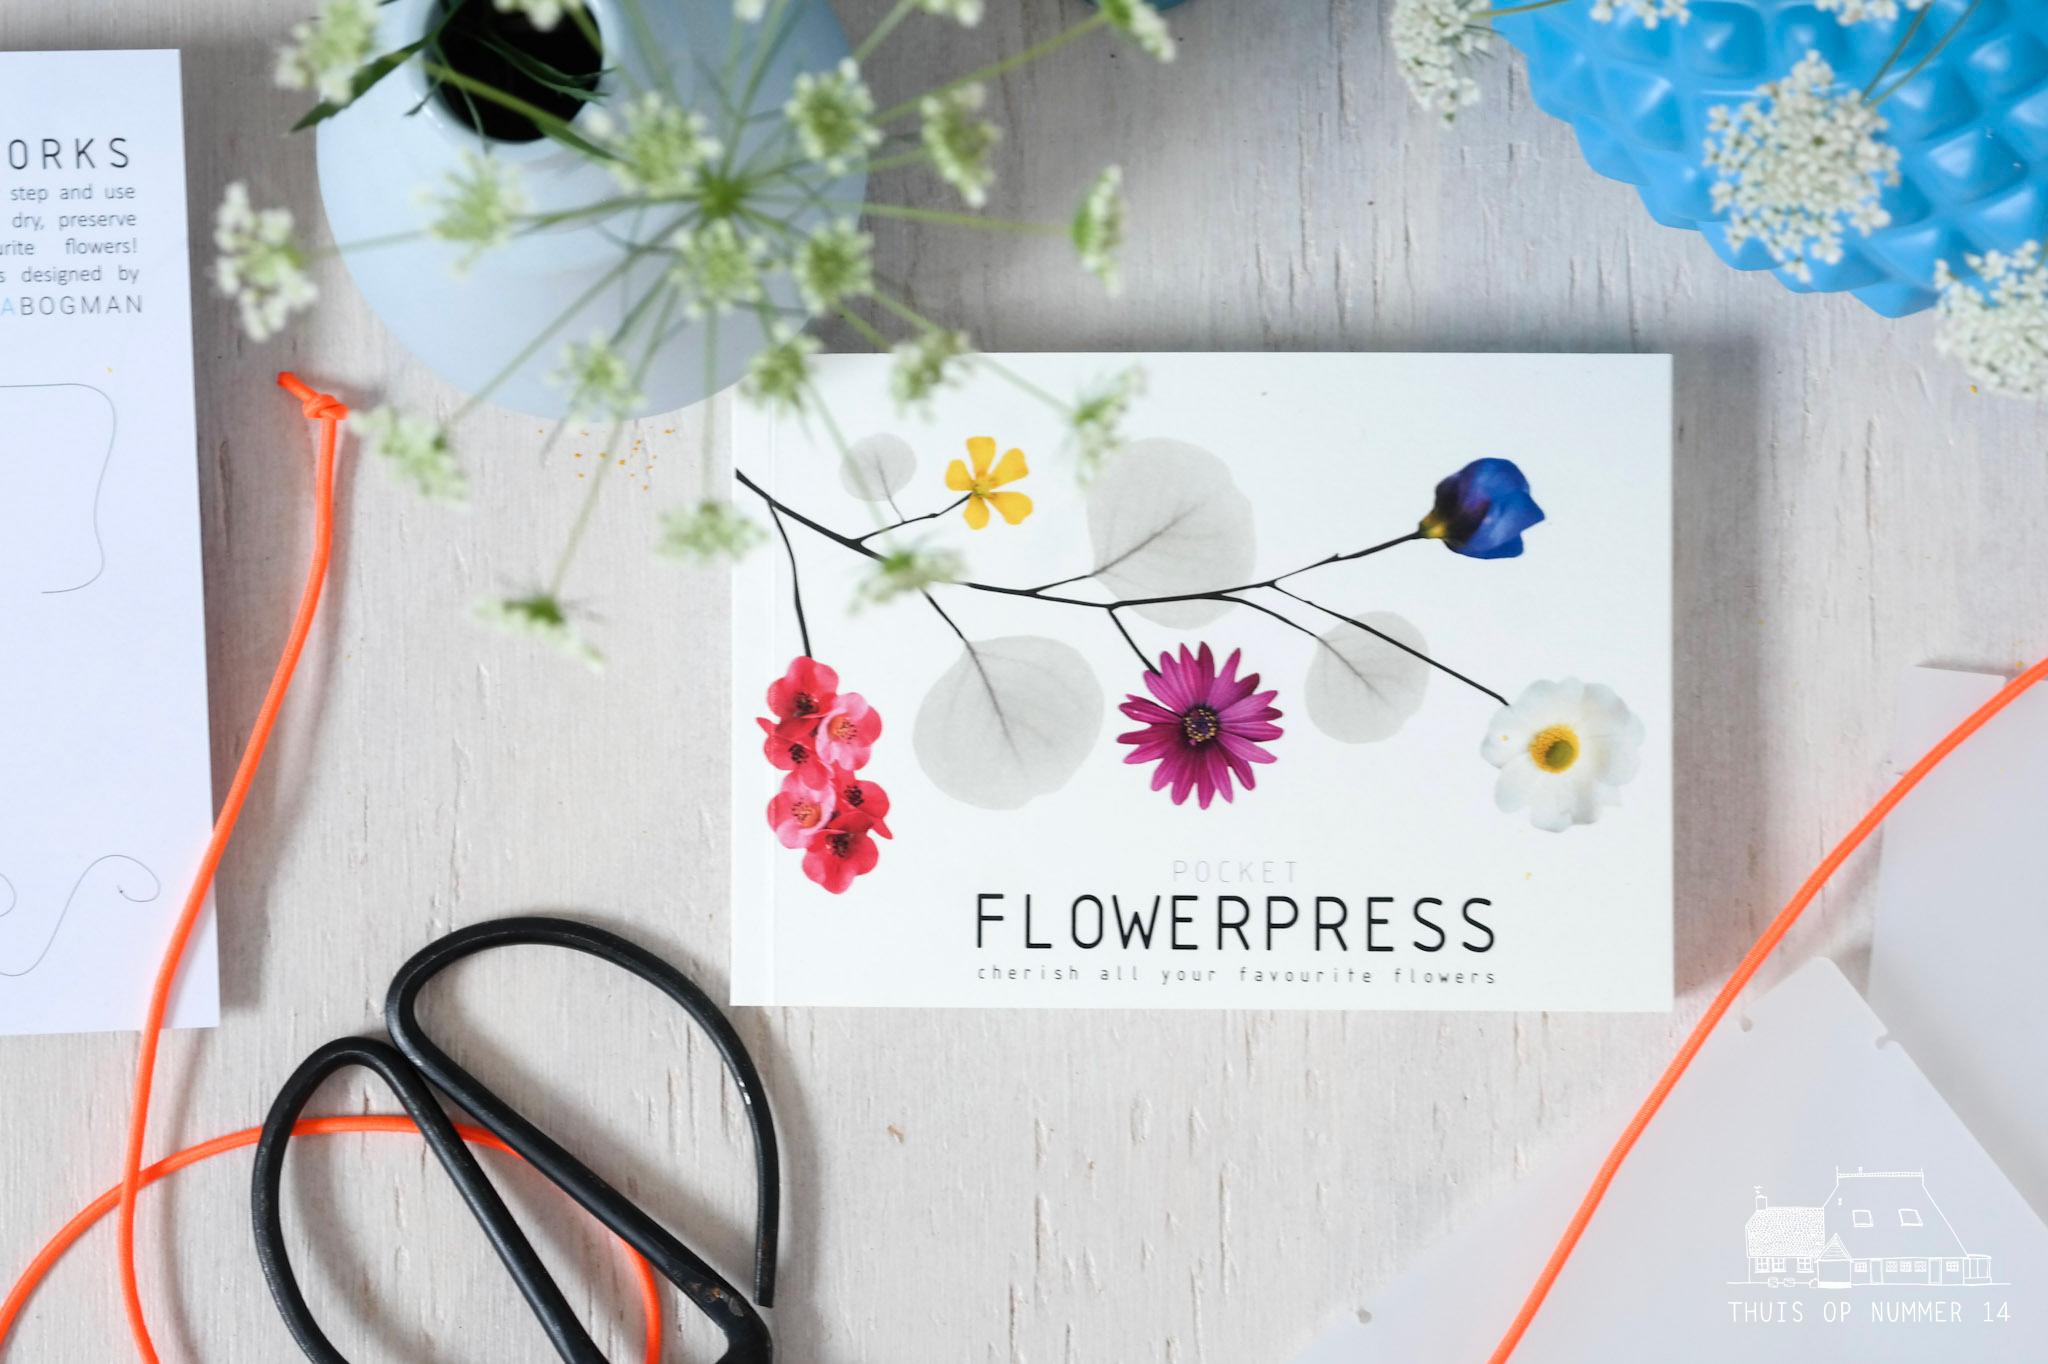 thuis op nummer 14 - flowerpress 2.0